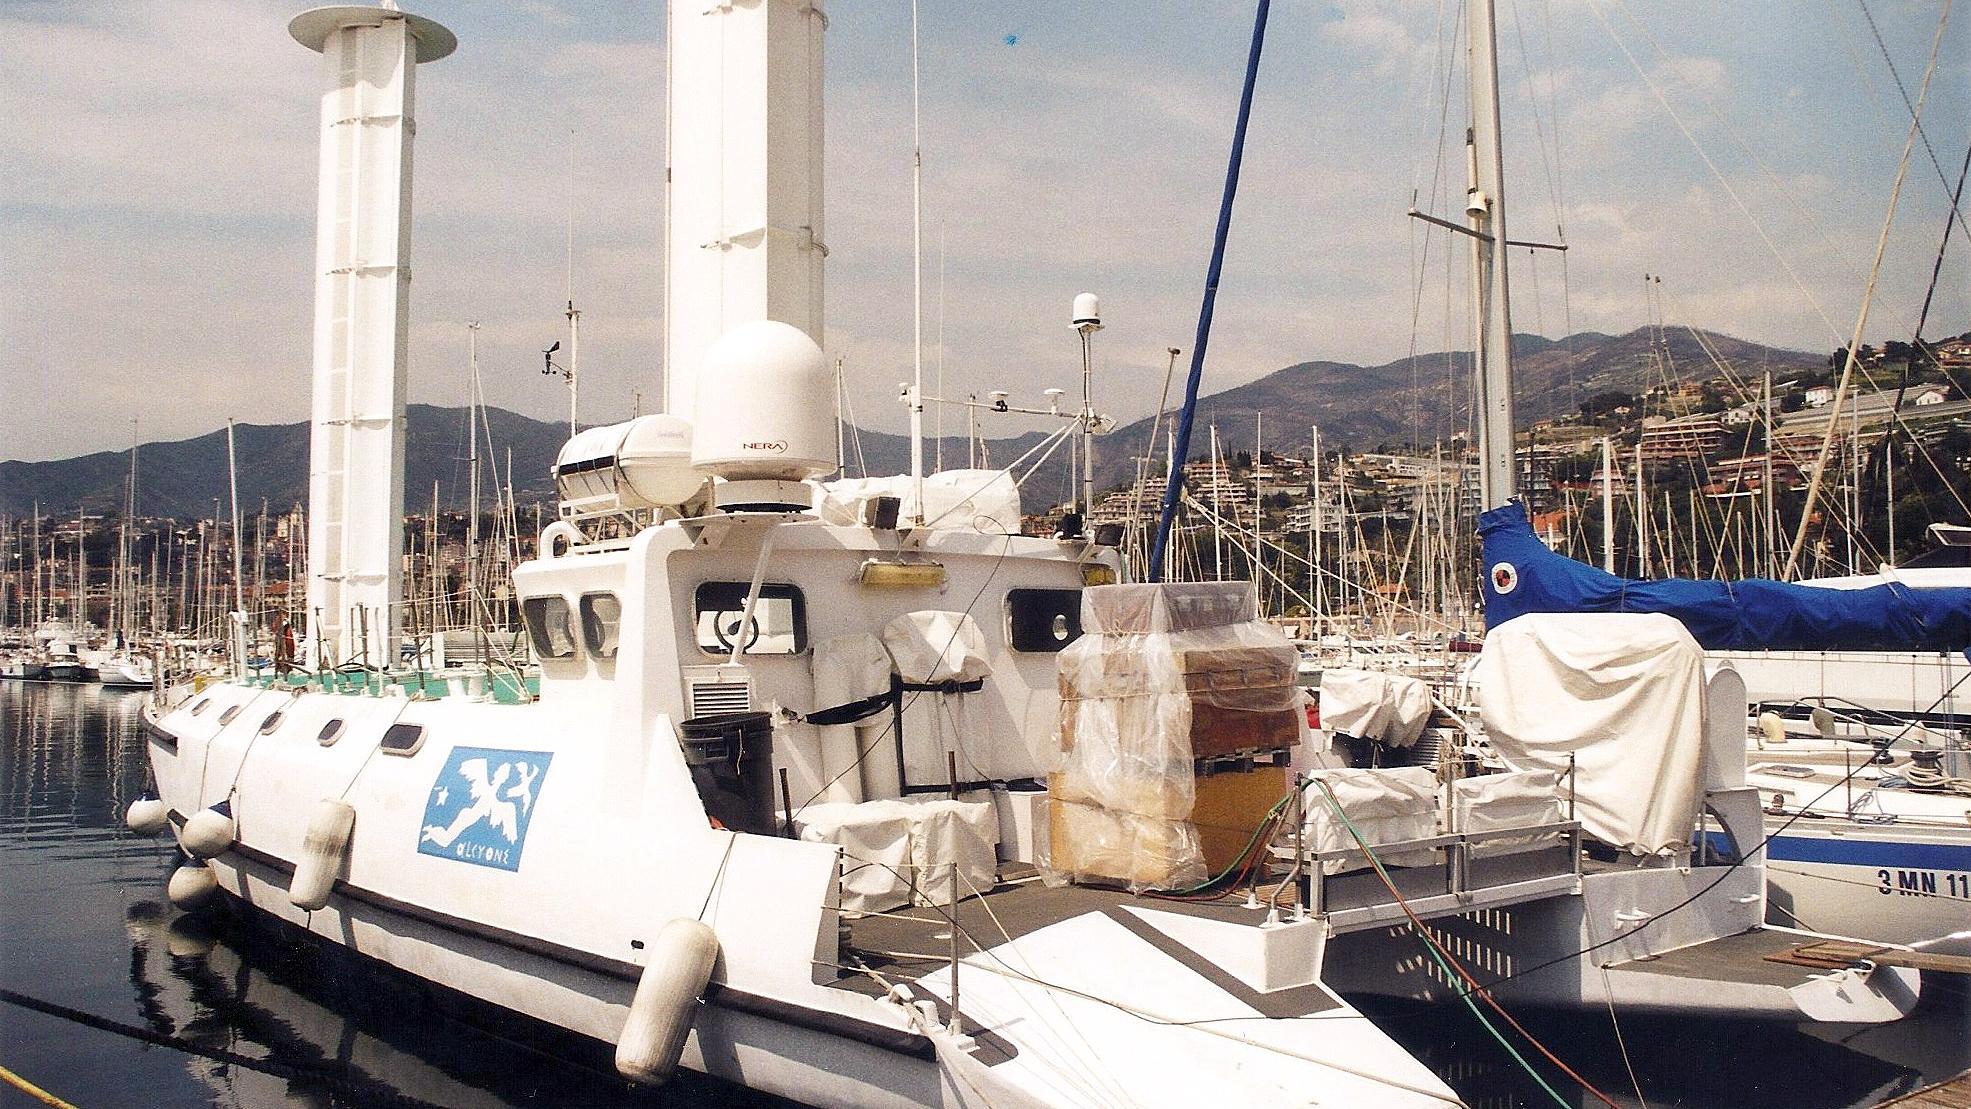 alcyone-motor-yacht-rochelle-pallice-1985-31m-stern